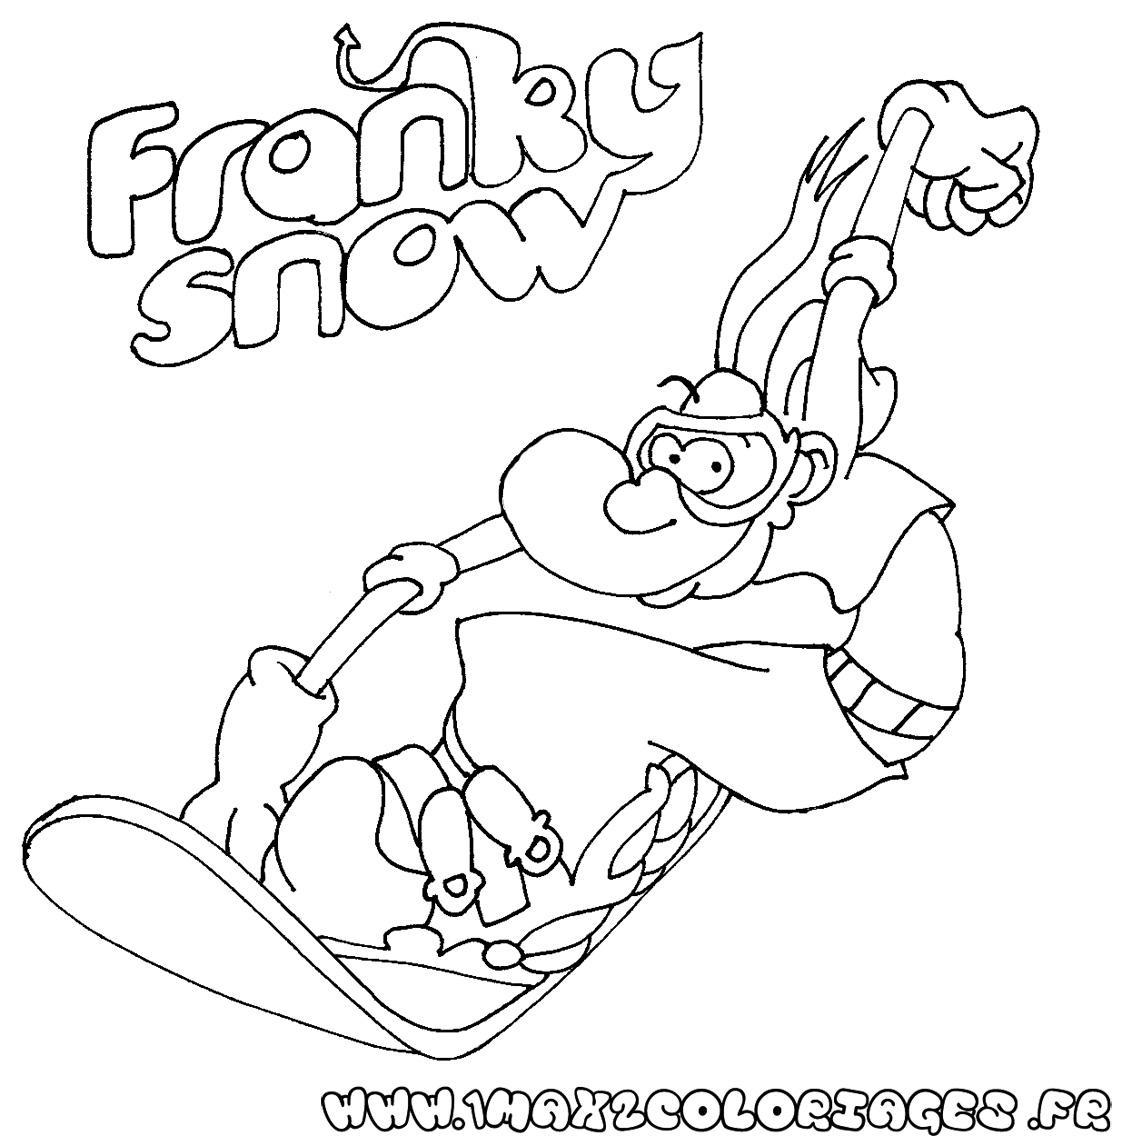 De dessins coloriage sur gulli de franki - Dessin de gulli ...